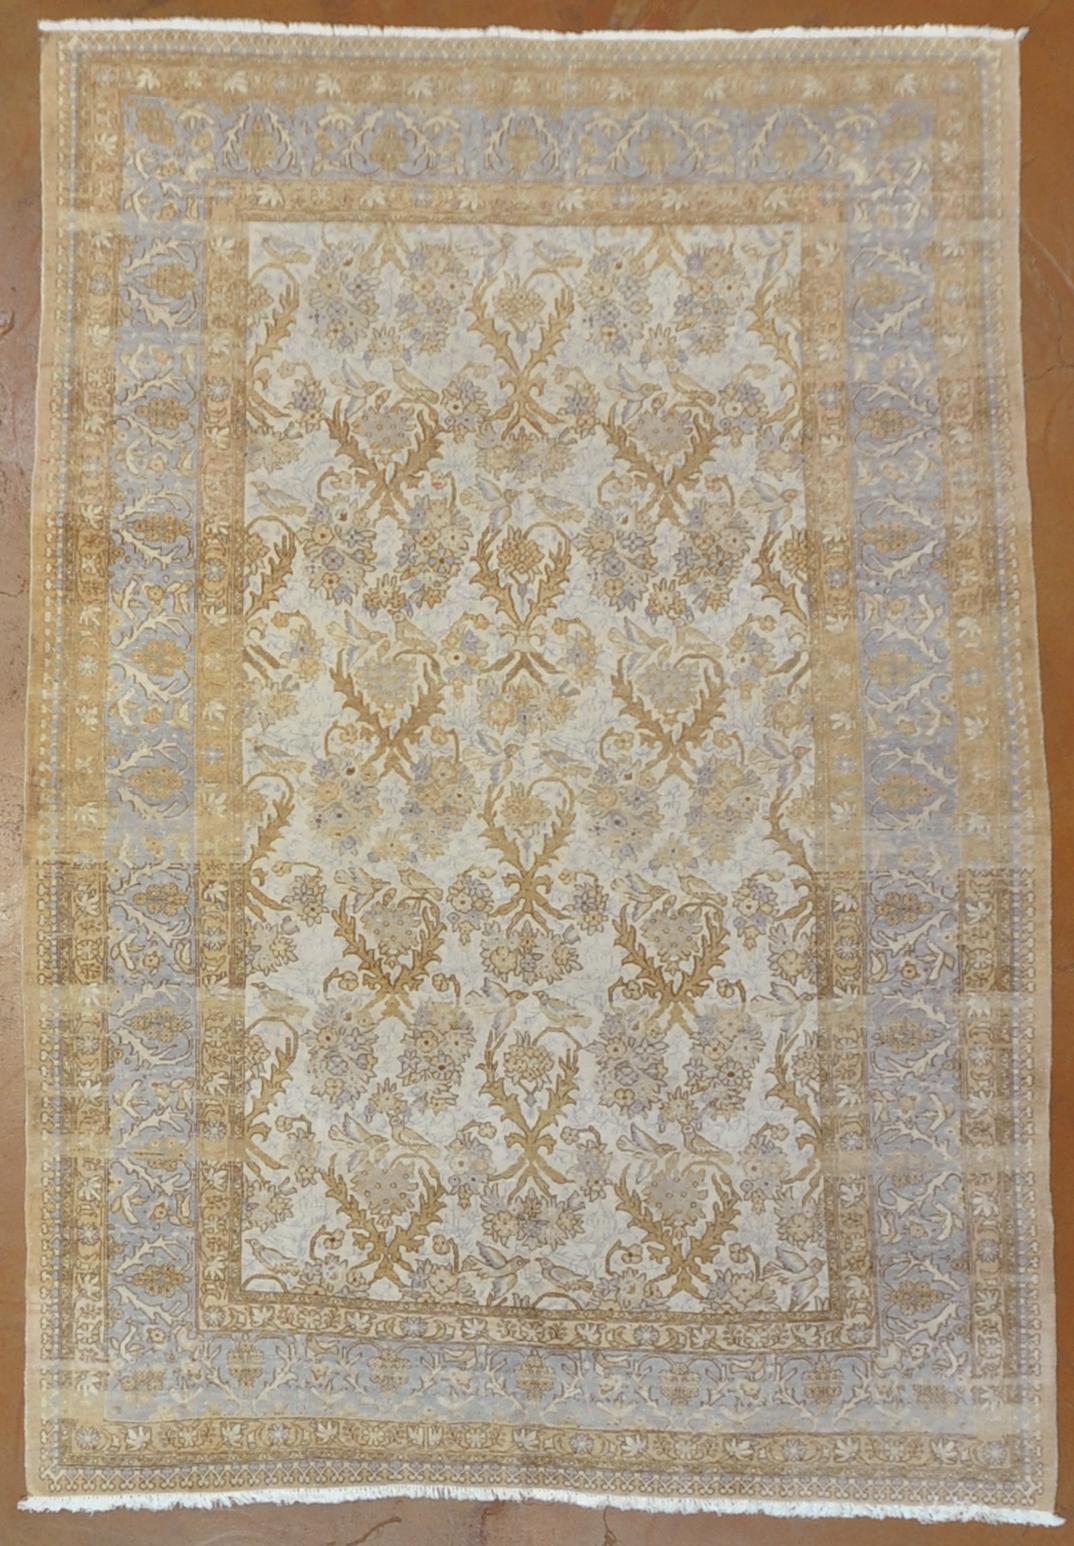 Antique Qum Rug rugs and more oriental carpet -